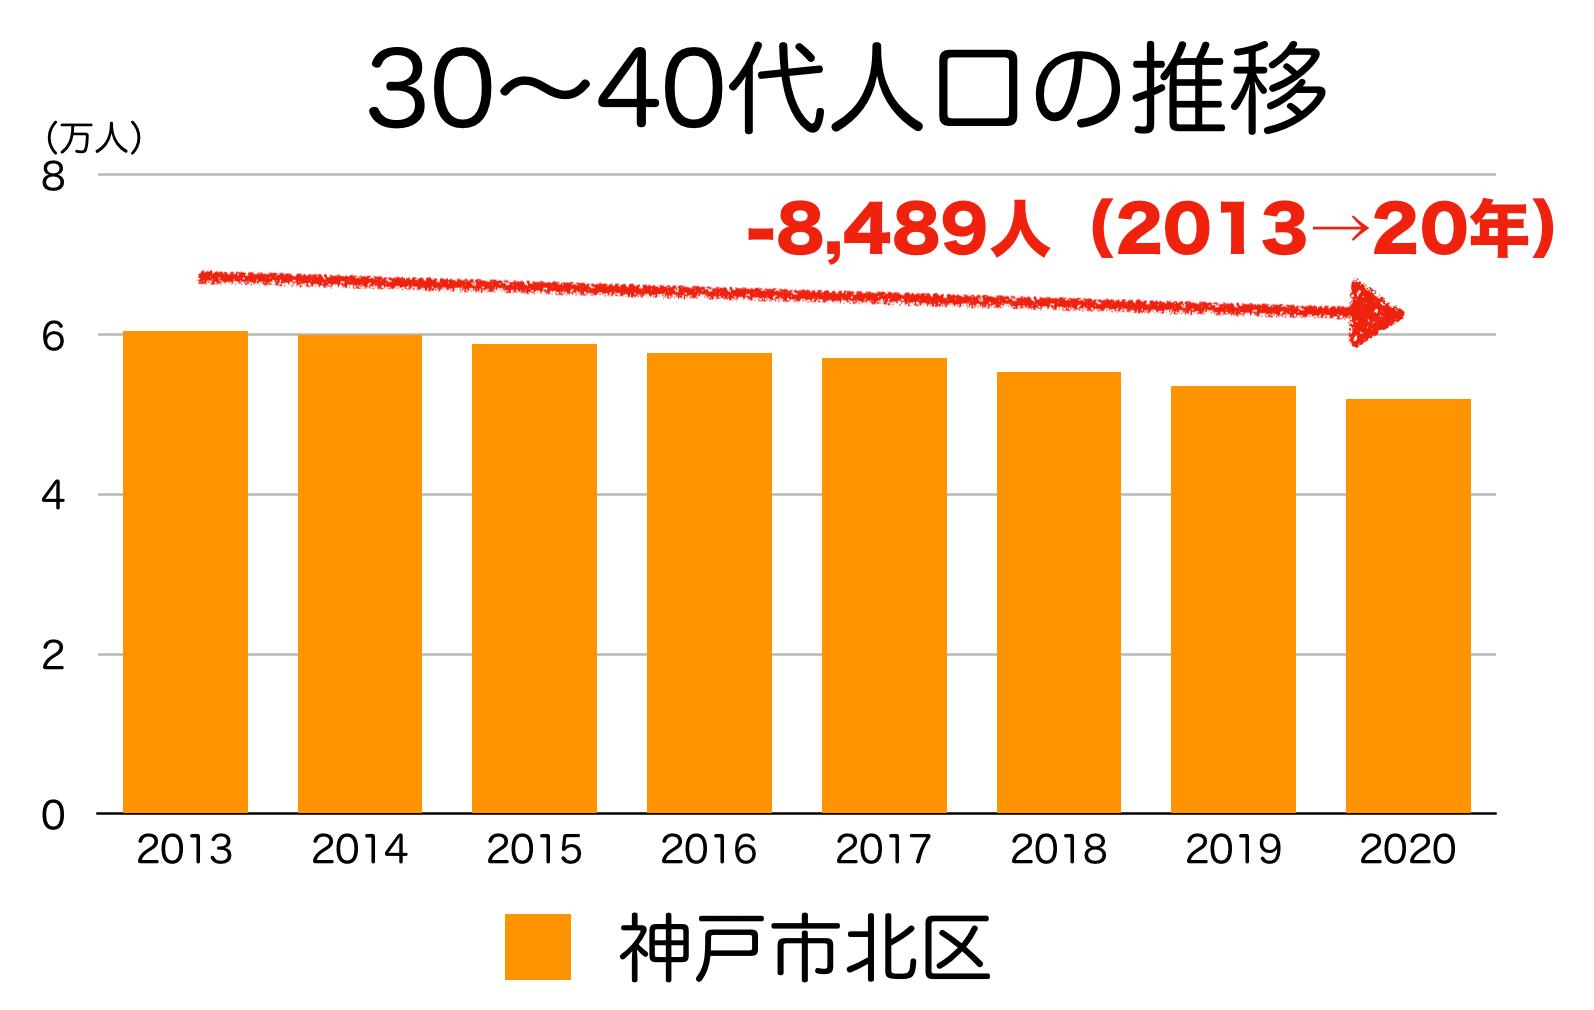 神戸市北区の30〜40代人口の推移